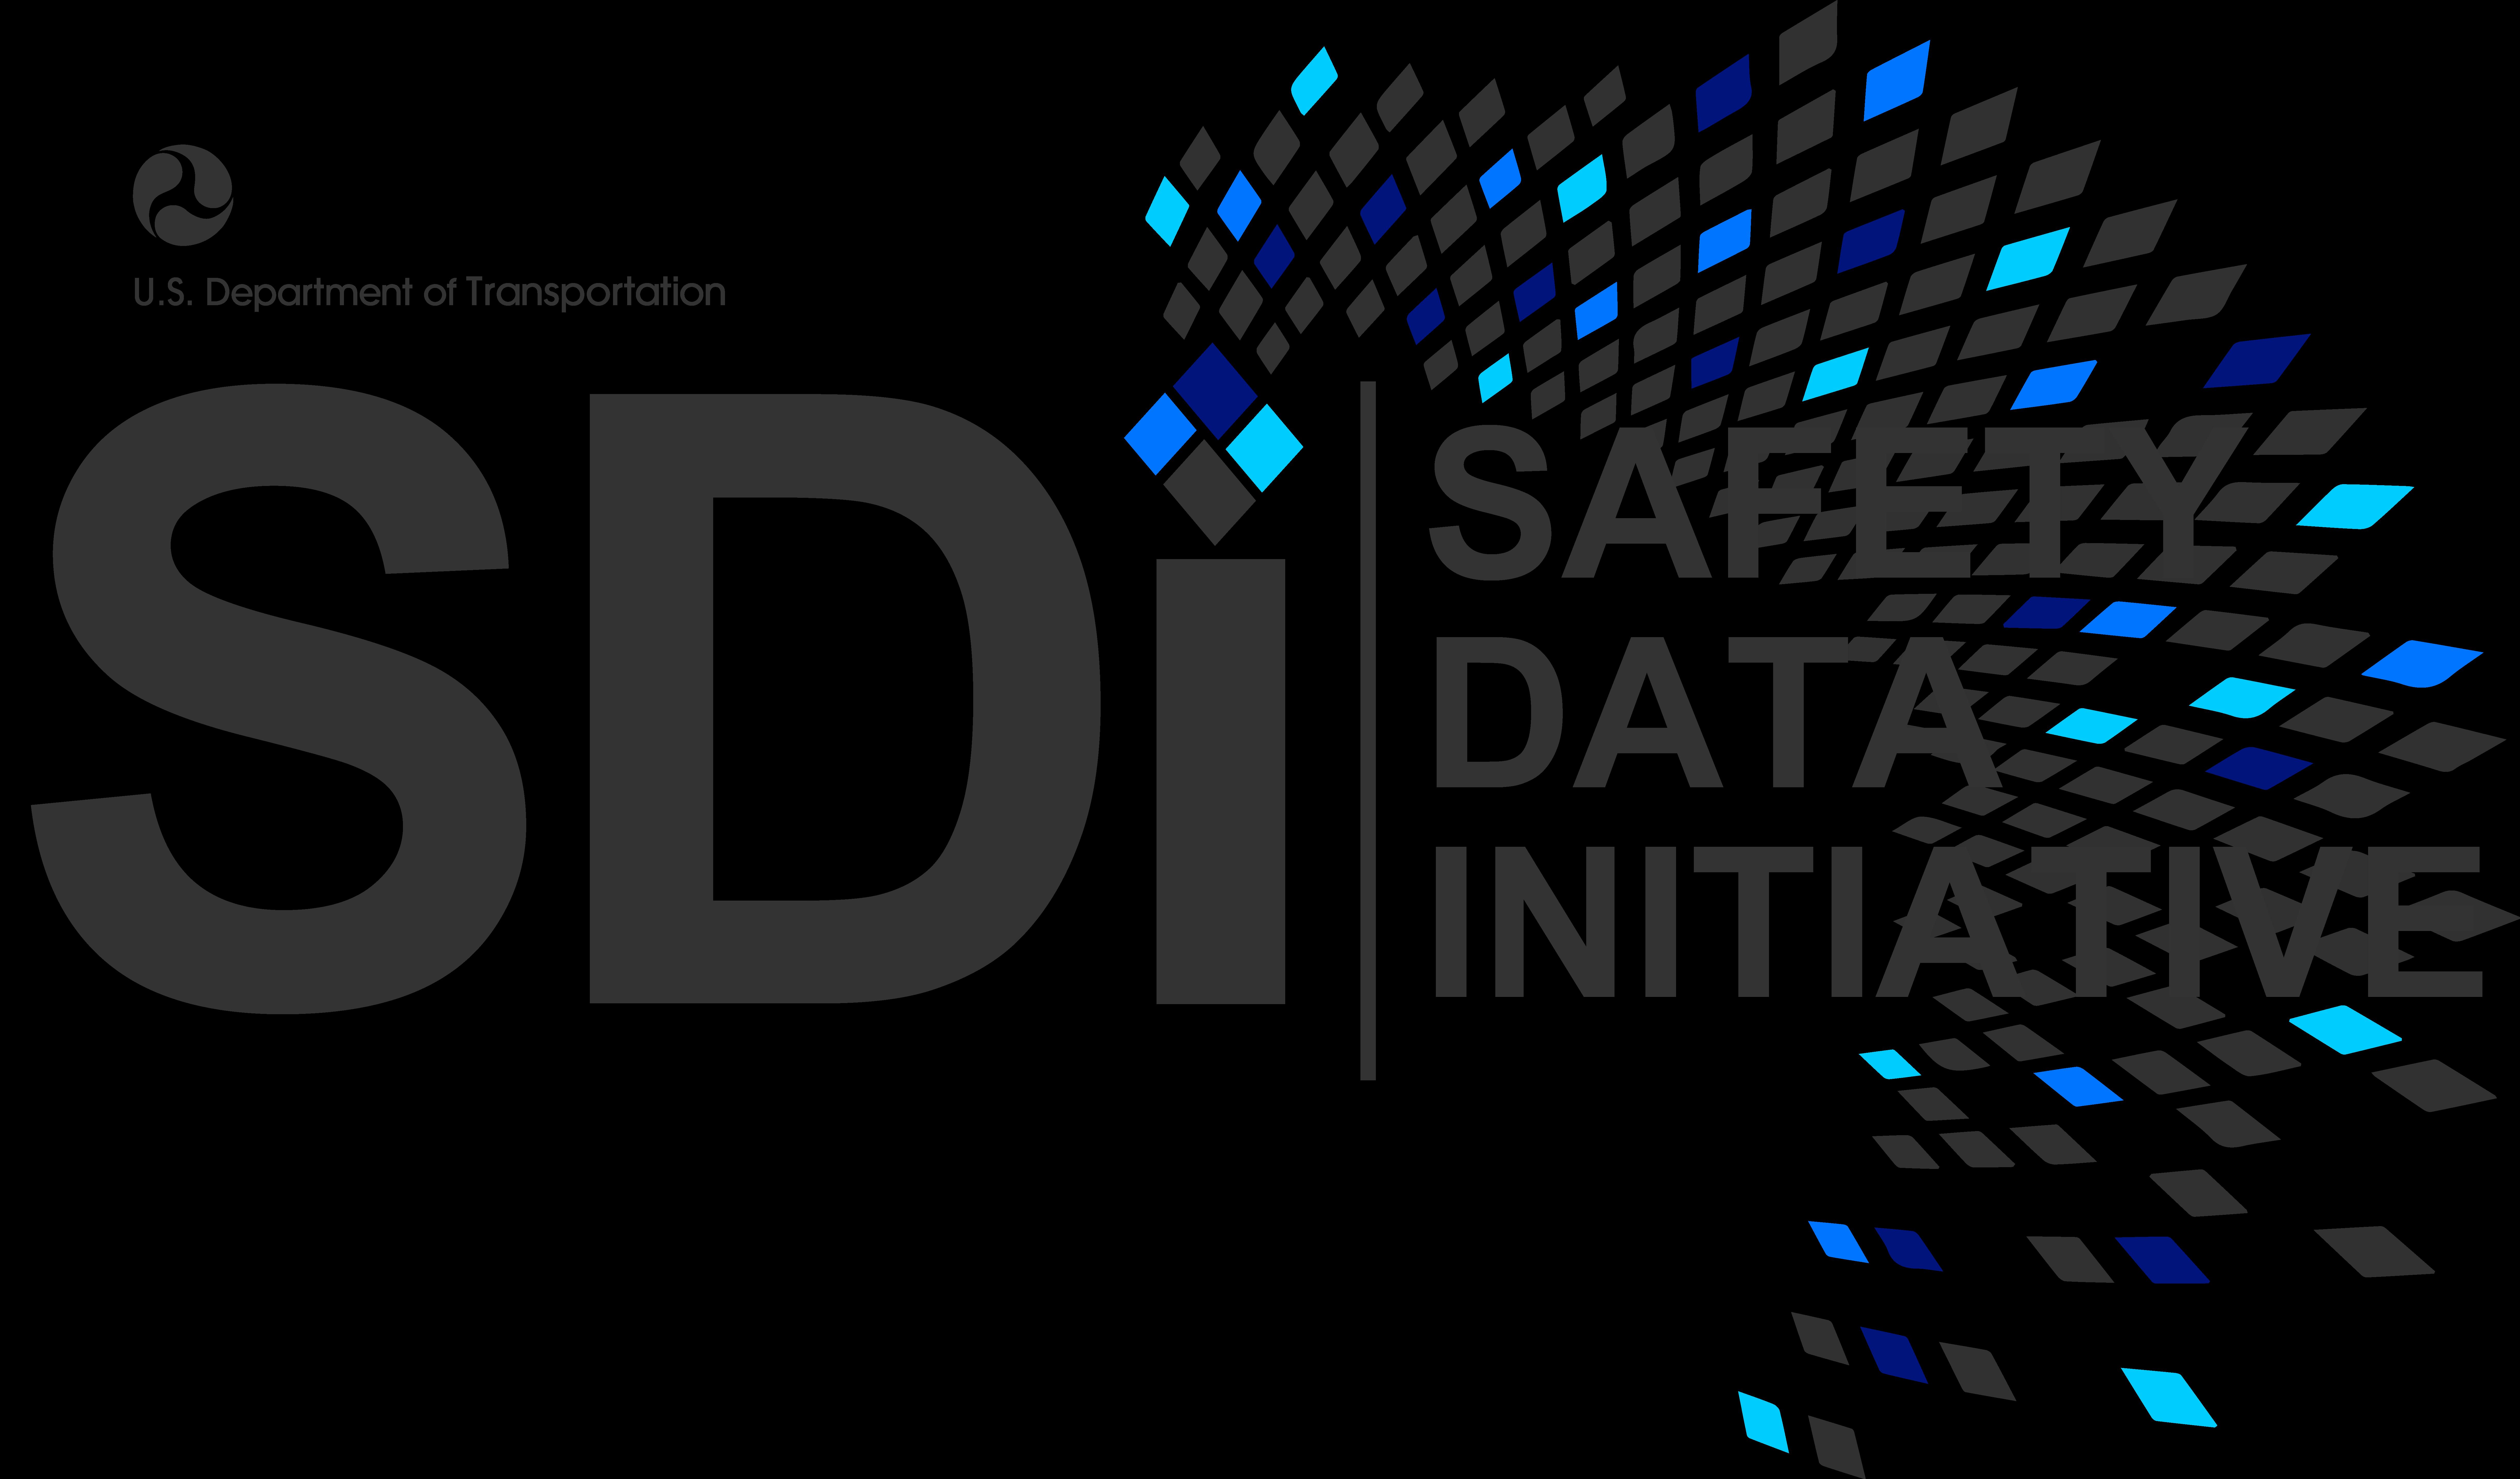 Image of Safety Data Initiative logo